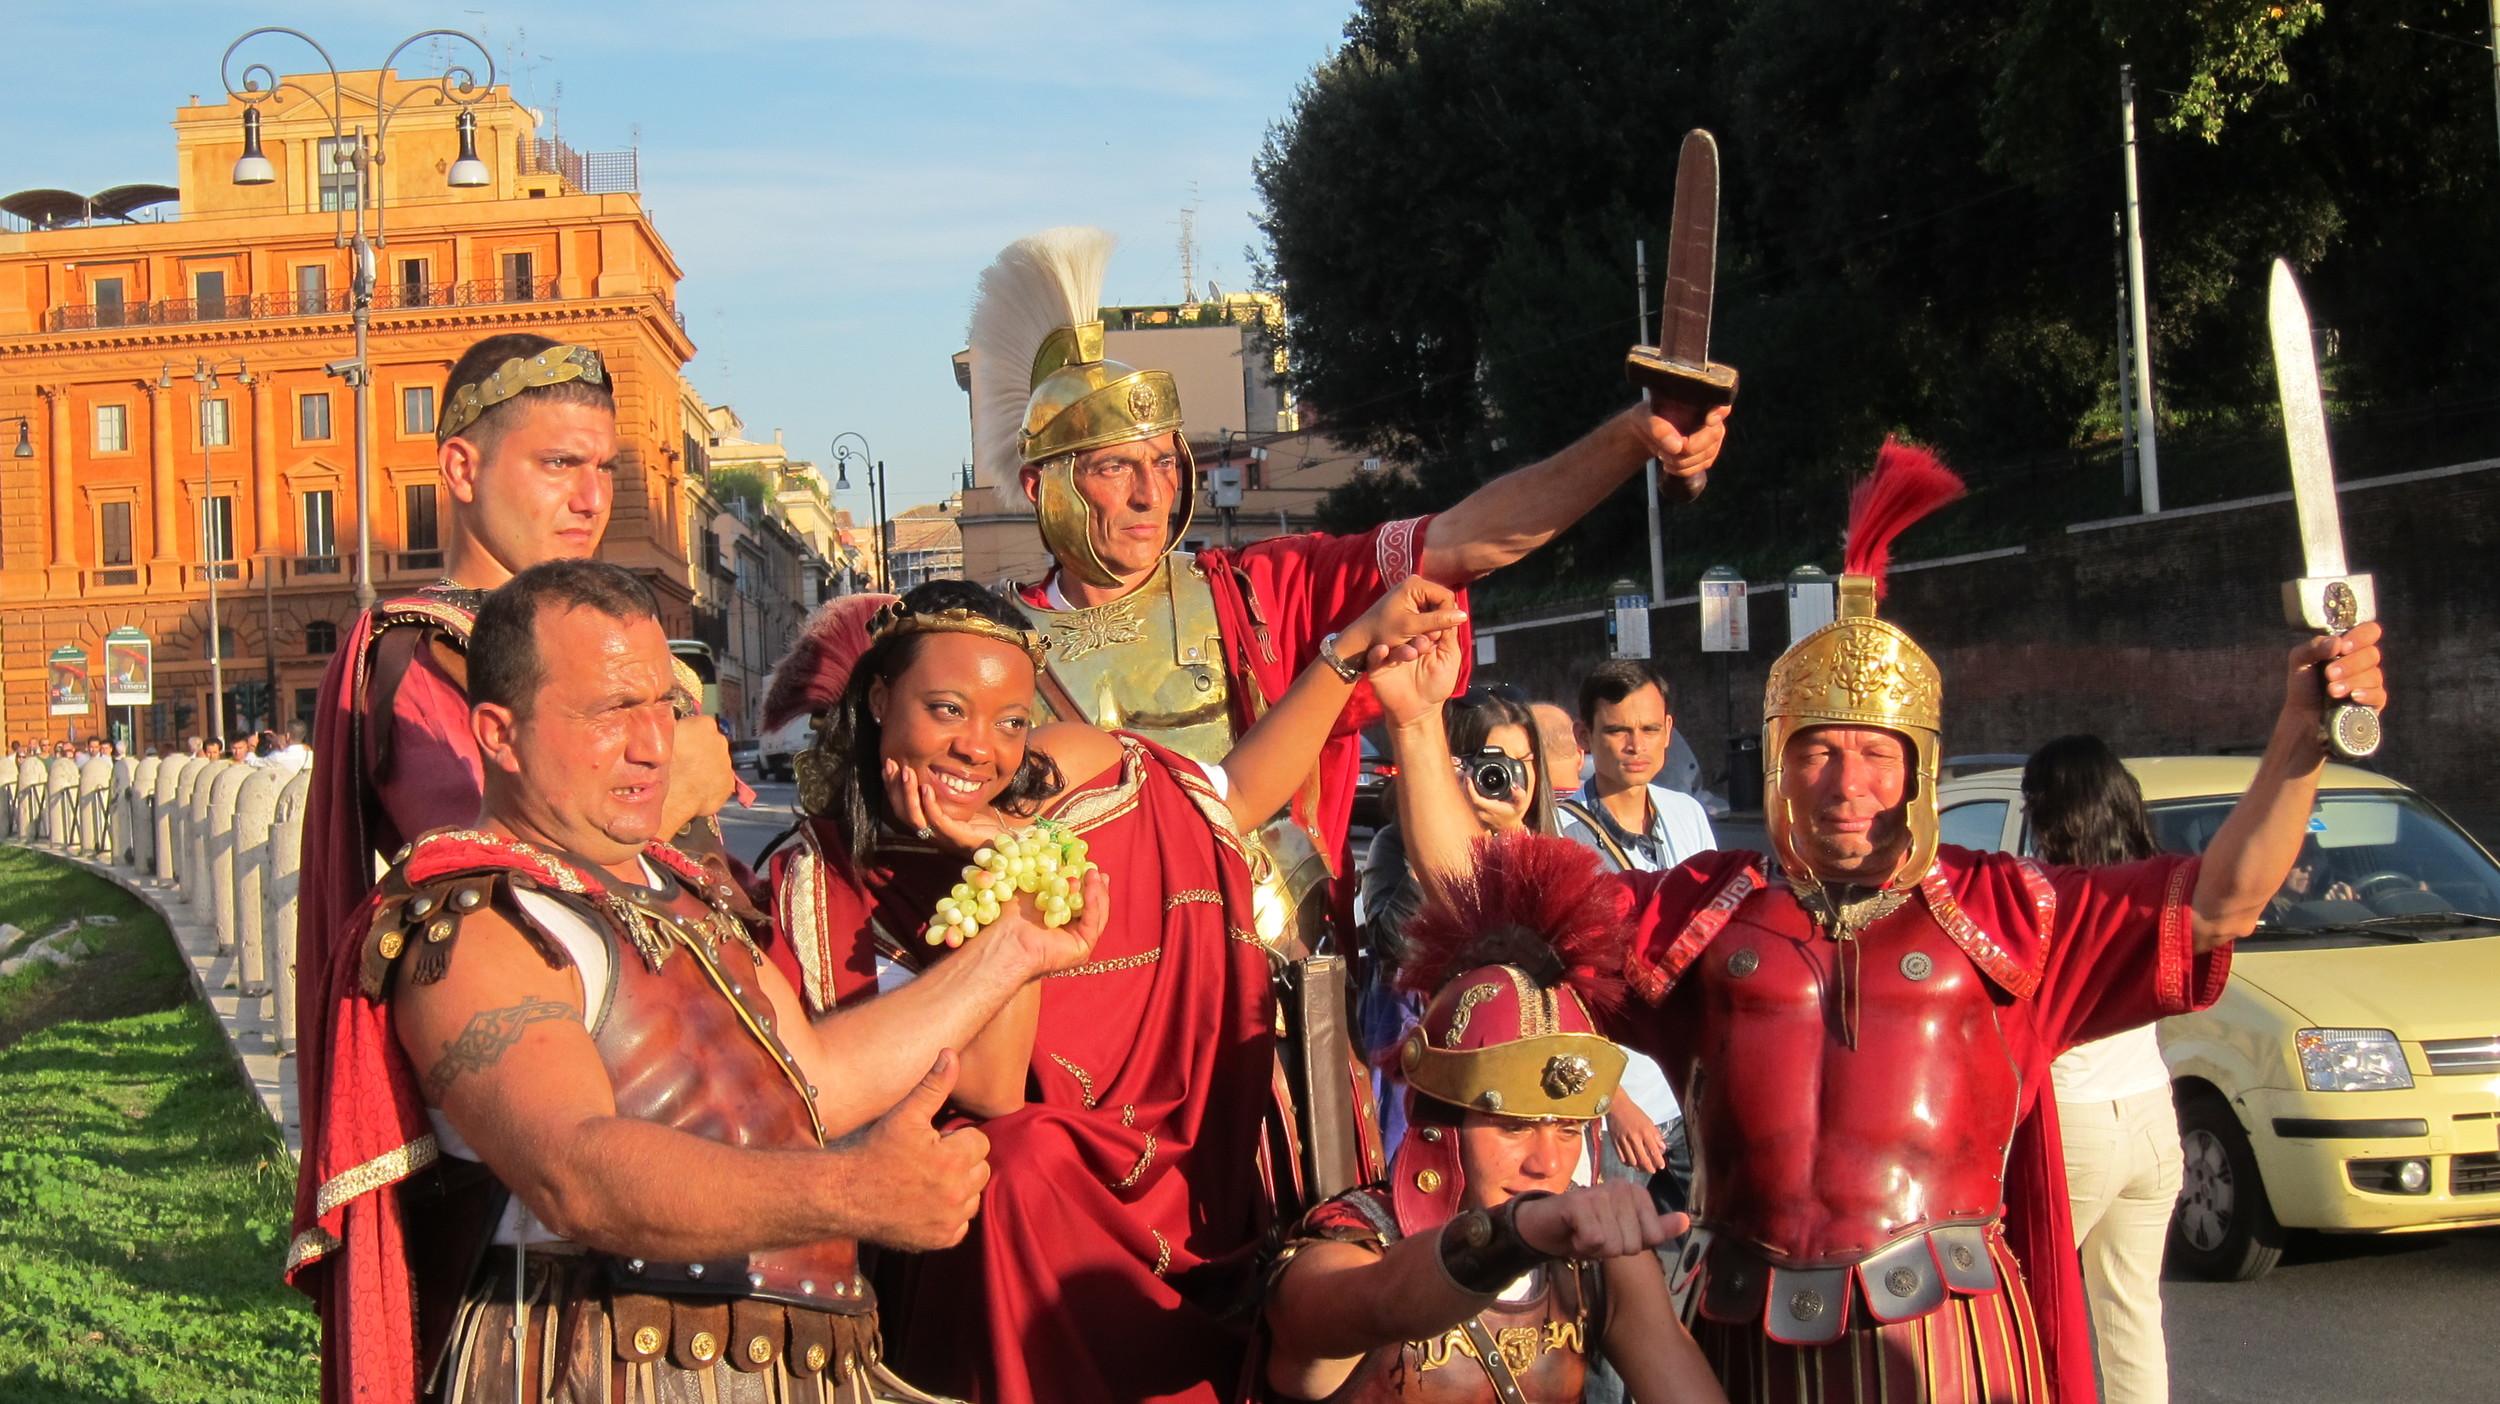 2012, 'Gladiators' in Rome.